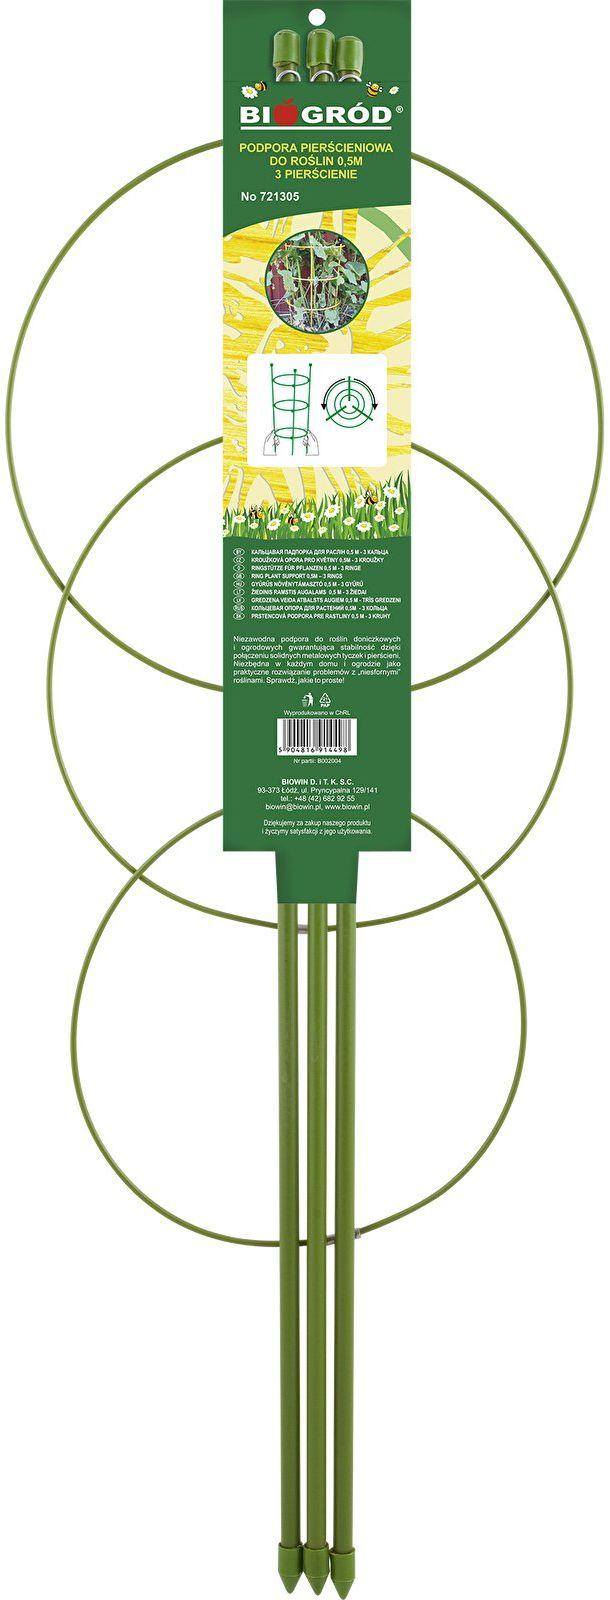 Podpora pierścieniowa do roślin 3 pierścienie 1,5m